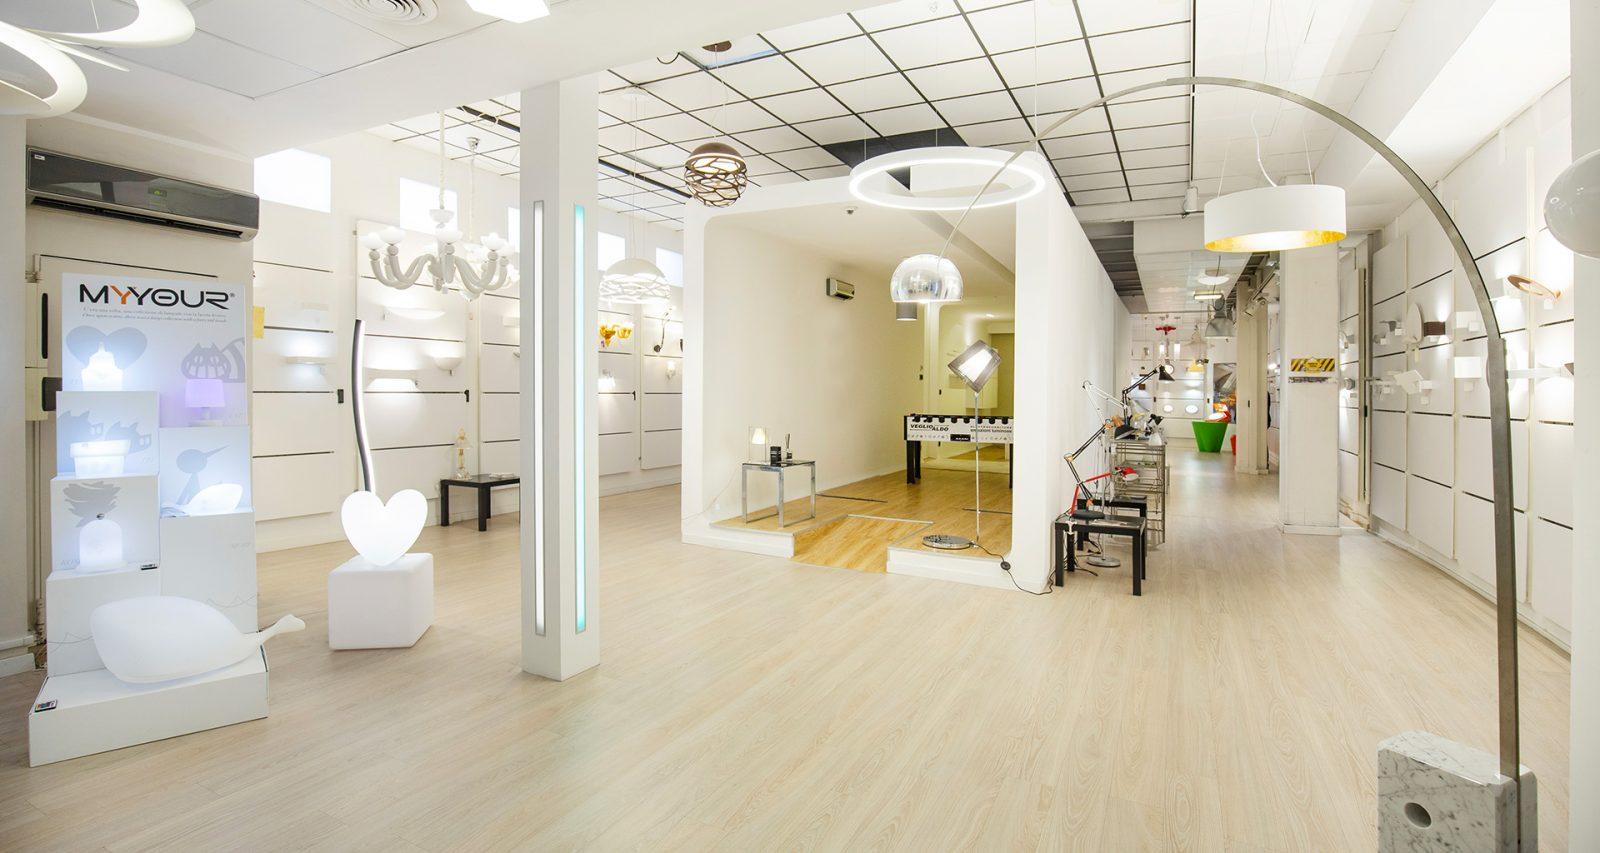 Un'intero showroom dedicato alle migliori soluzioni per l'illuminazione: applique, piantane e lampadari Torino 2